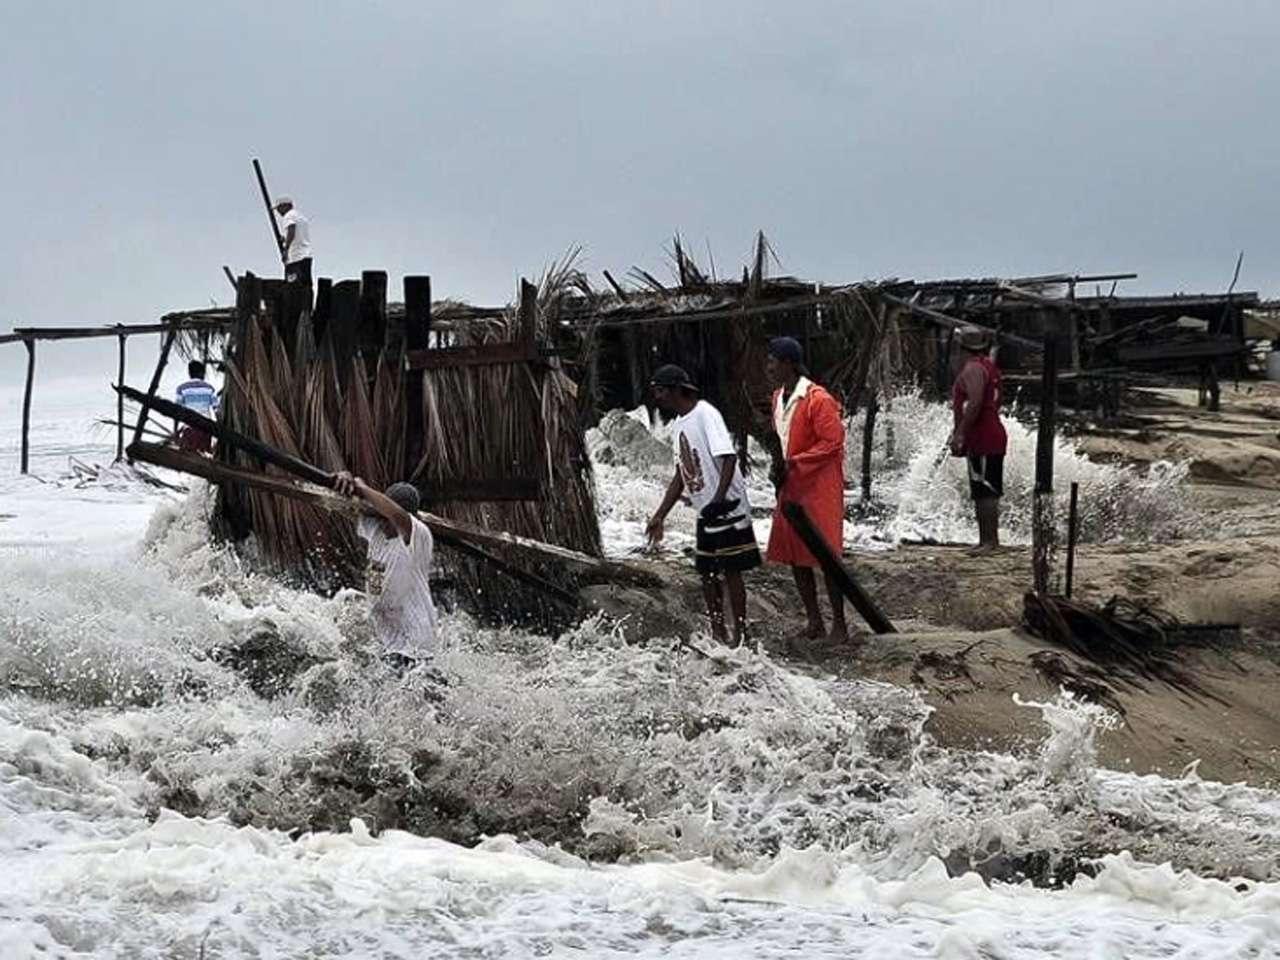 La tormenta tropical 'Polo' provoca marejadas en la costa de Guerrero. así como la evacuación de una localidad en Coyuca de Benítez Foto: Reuters en español